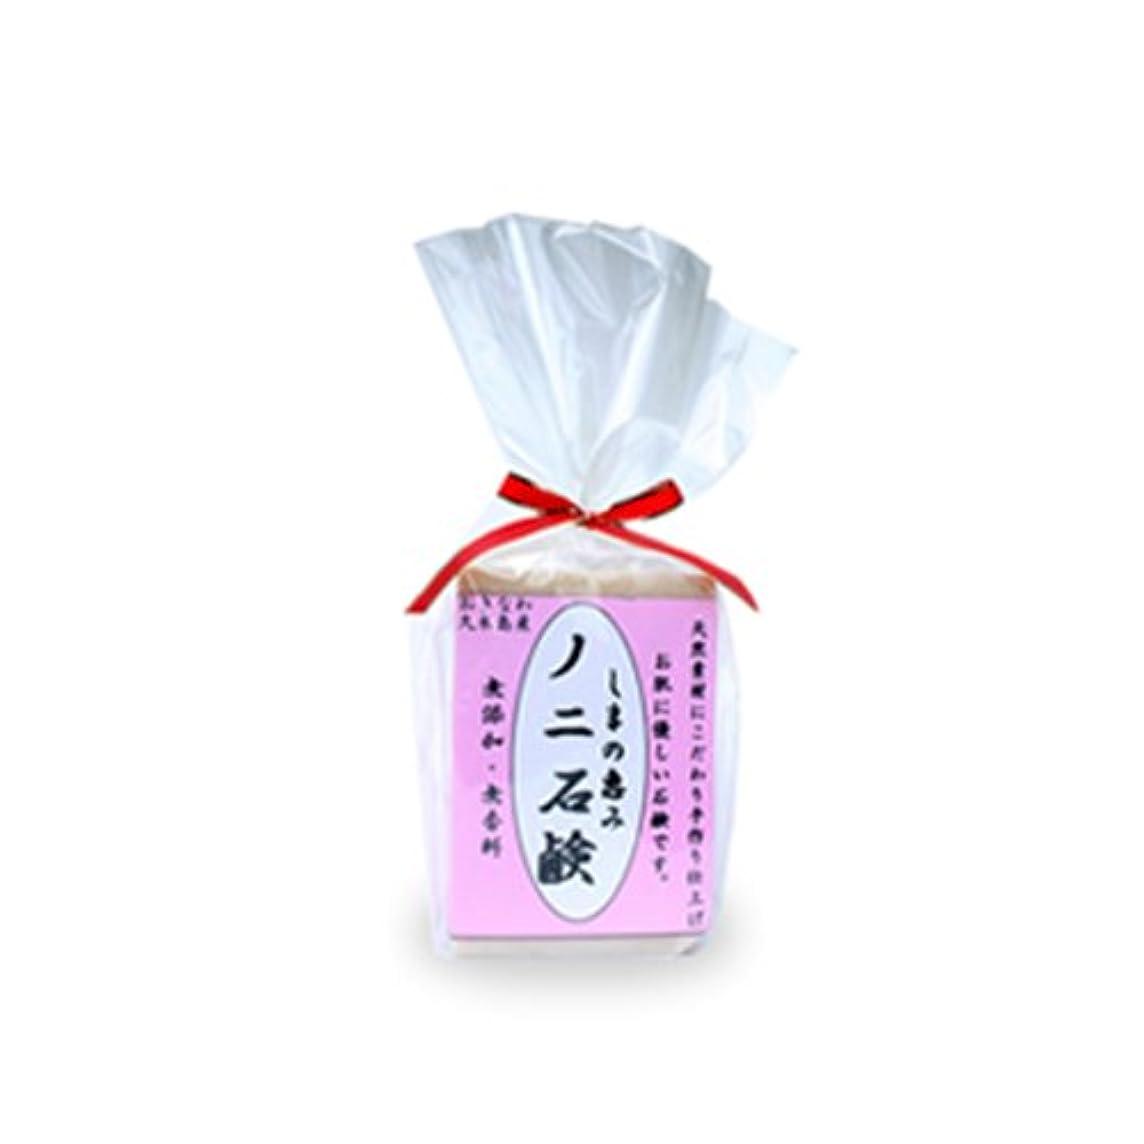 強化する作るダルセットノ二石鹸×3個 久米島物産販売 沖縄の海洋深層水ミネラルとノニを配合した無添加ソープ